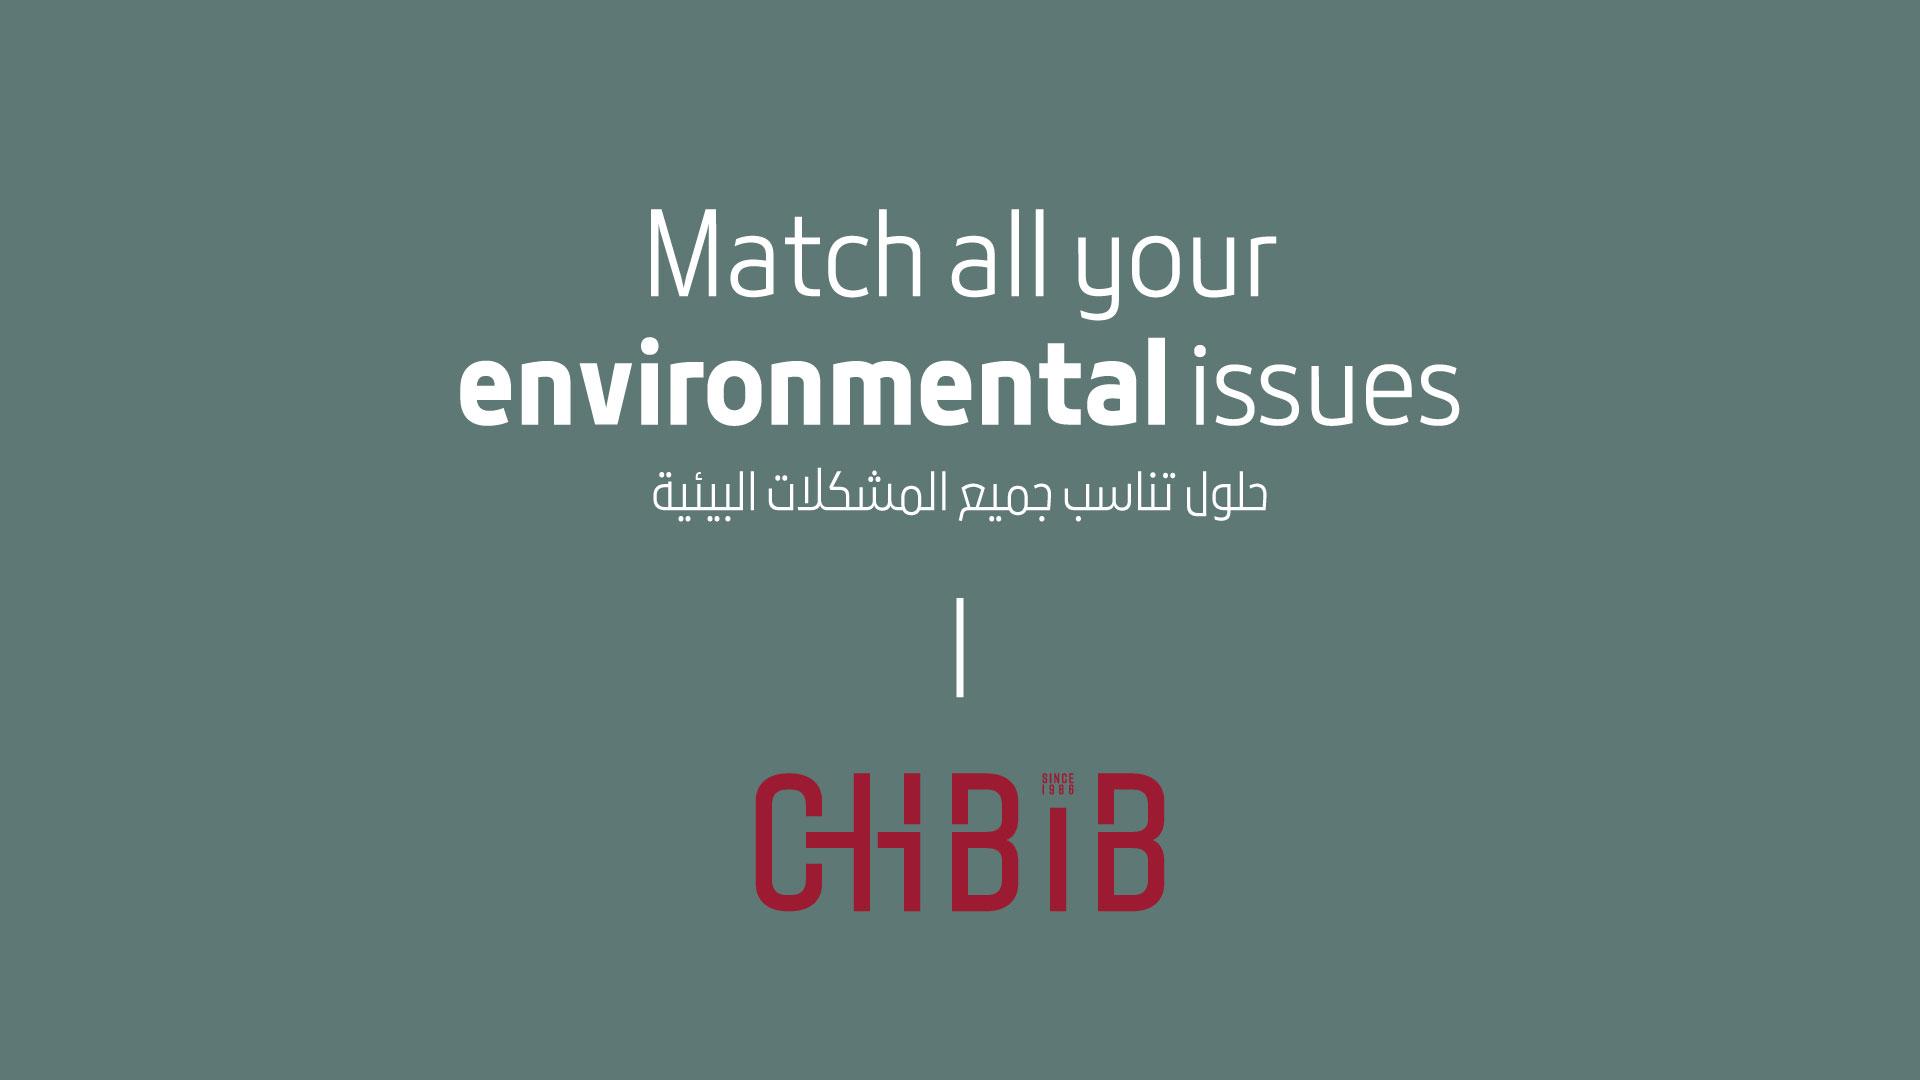 Chbib-Digital-Brandkit-12